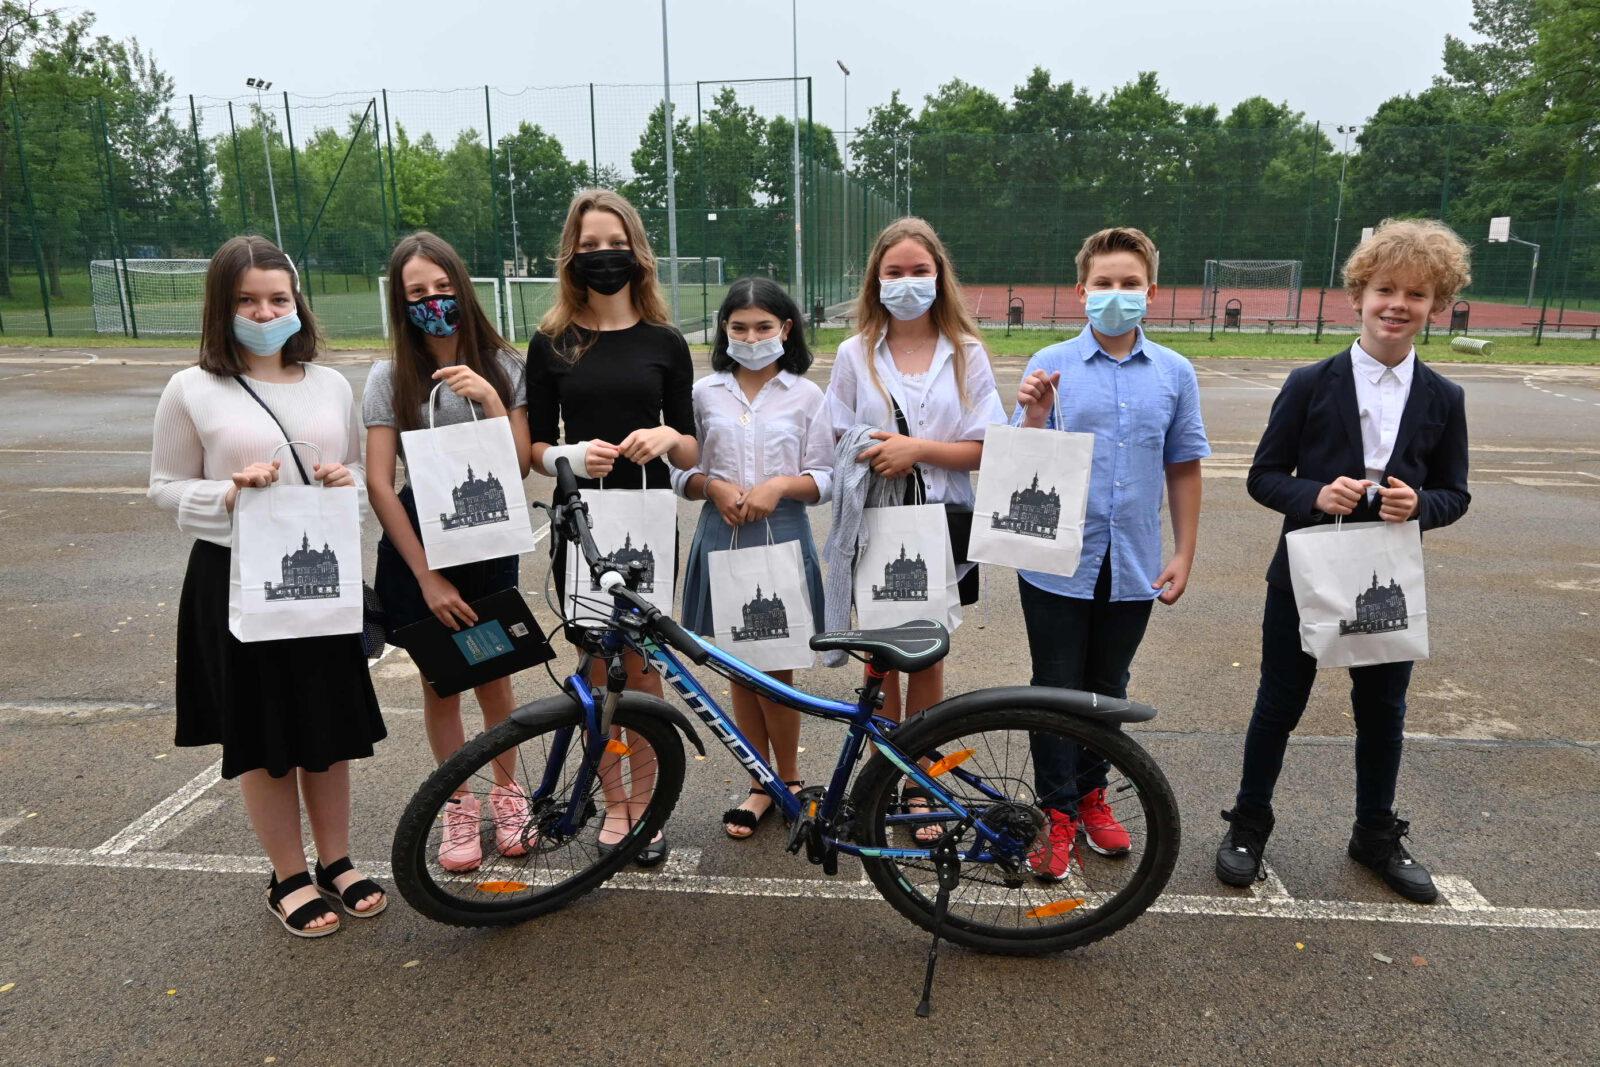 Pięć dziewczynek i dwóch chłopców z prezentami w tarnogórskich papierowych torbach a przed nimi rower